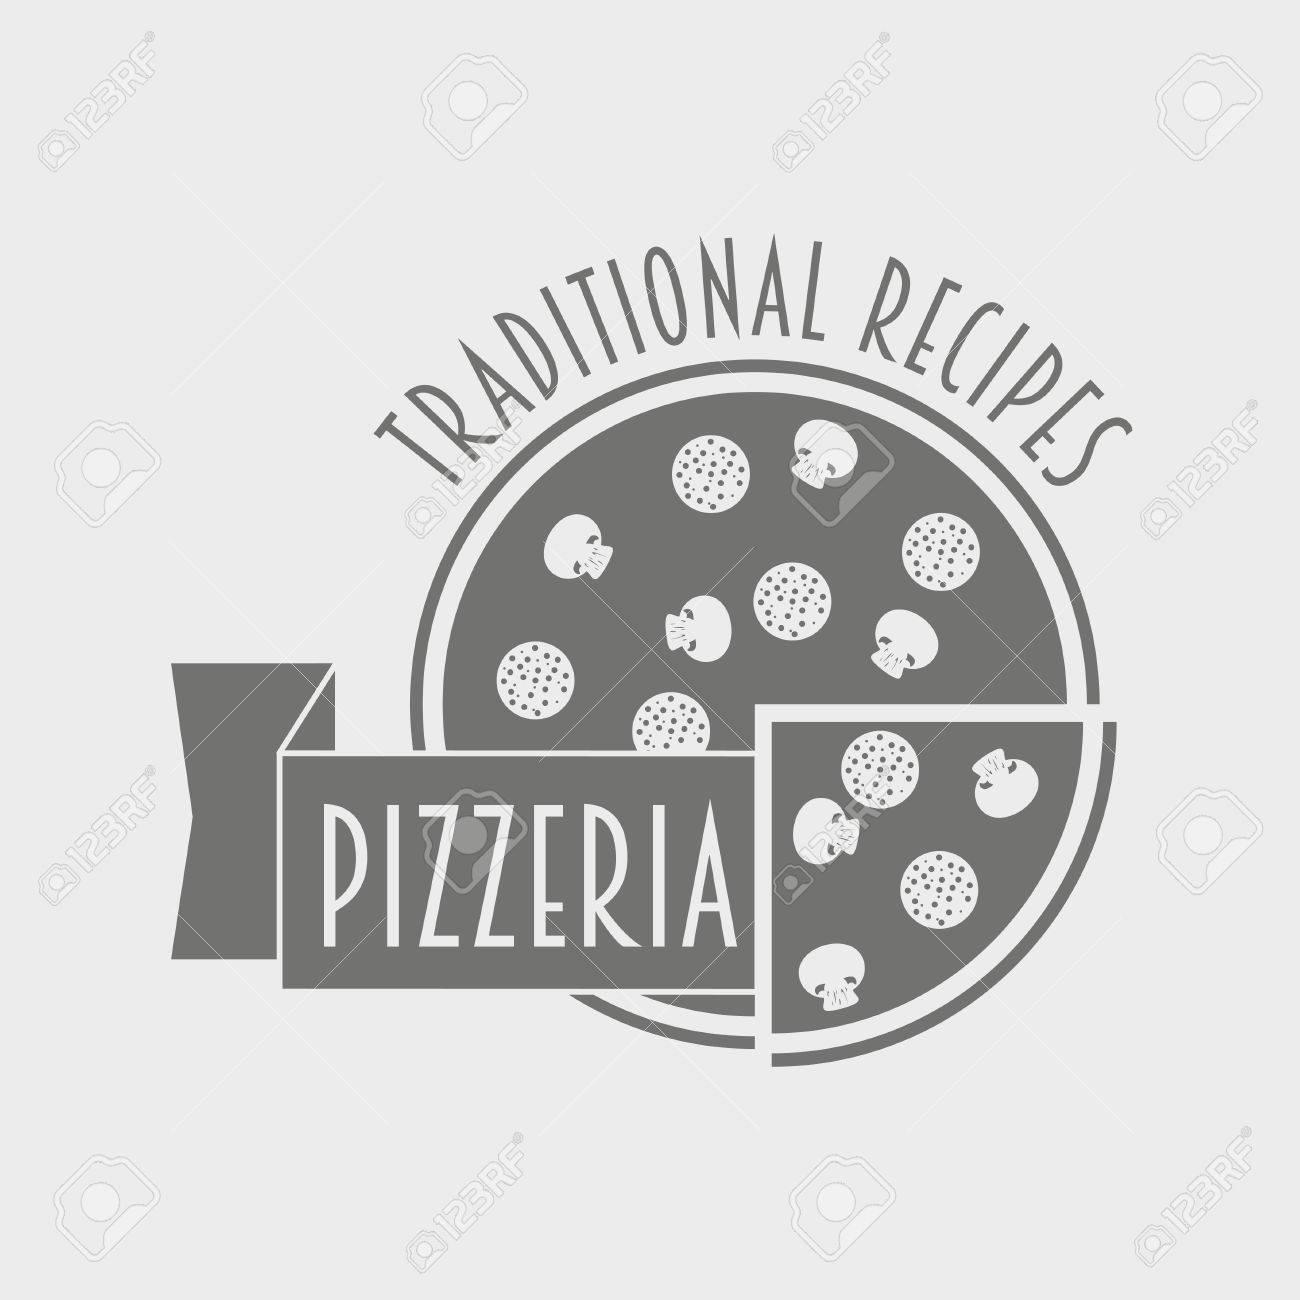 TIquette Pizzeria Noir Et Blanc Ou Logo Concept Pour Le Restaurant